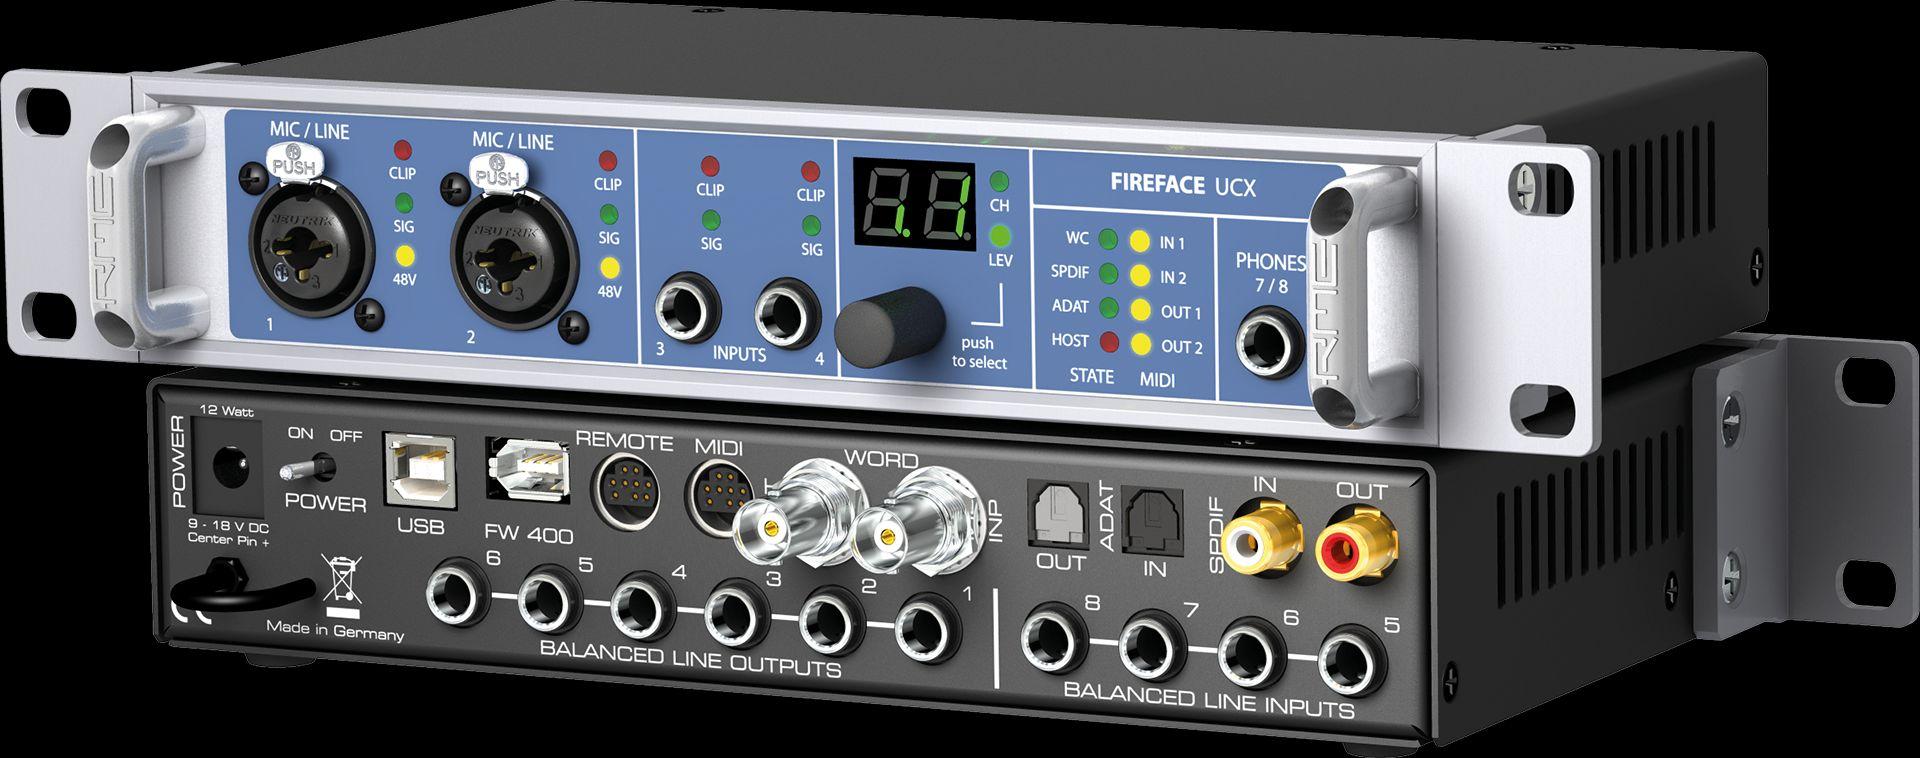 RME Fireface UCX 36-Kanal, 24-Bit/192 kHz Hight End USB Firewire Audiointerface